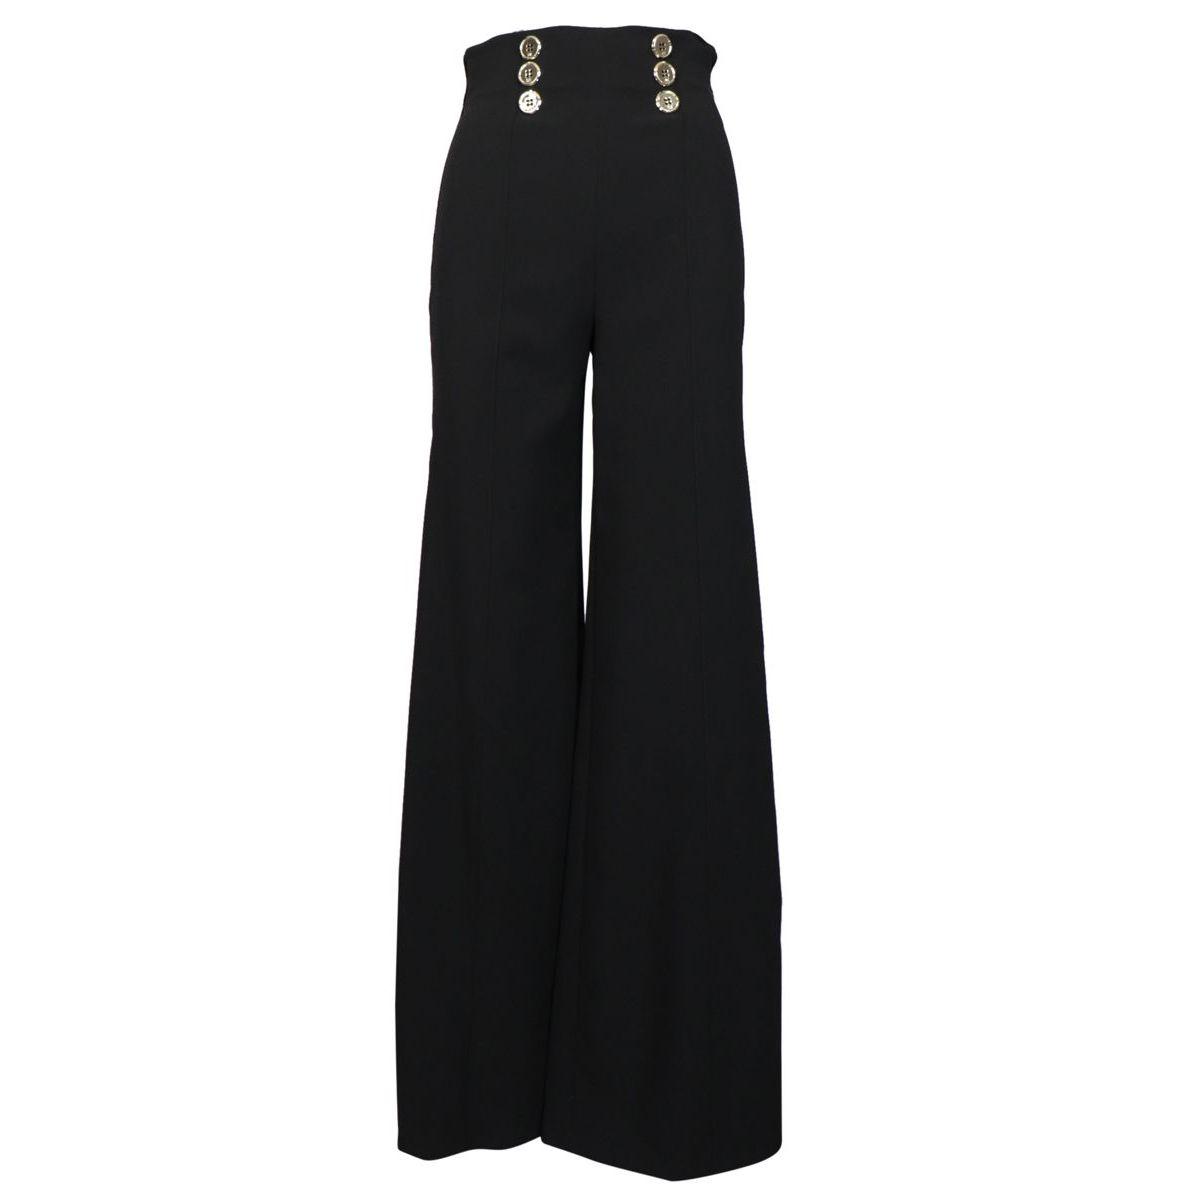 Pantalone in crepe a vita alta con bottoni Nero Elisabetta Franchi